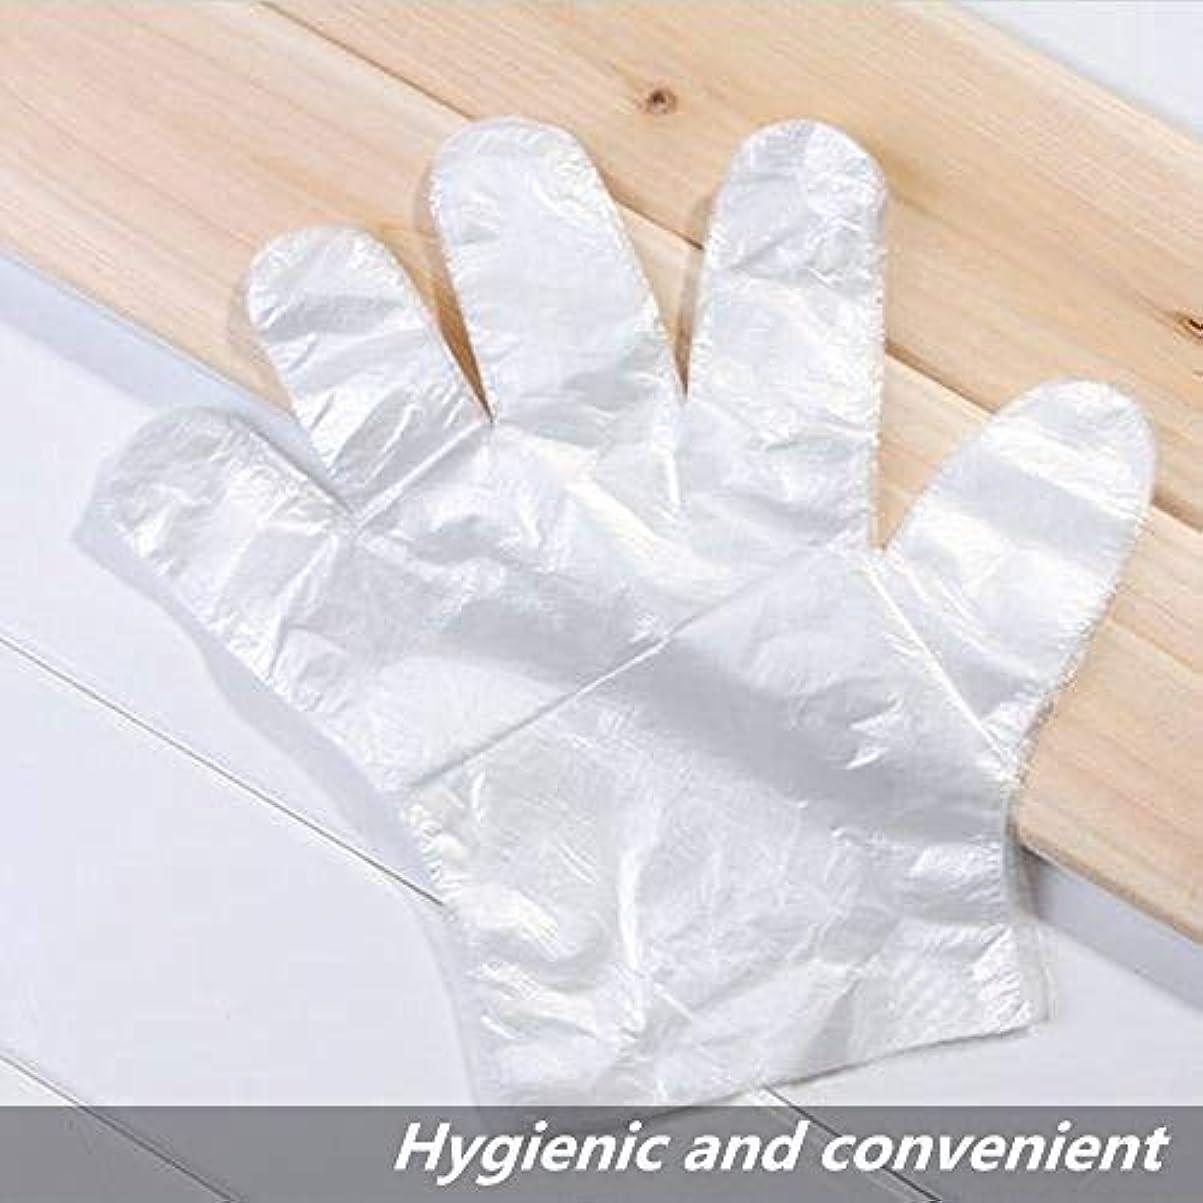 社説それぞれより使い捨て手袋 プラスチック製使い捨て手袋 超薄型多機能透明なプラスチック手袋調理、掃除、染色などに適しています 50または100個 (50)